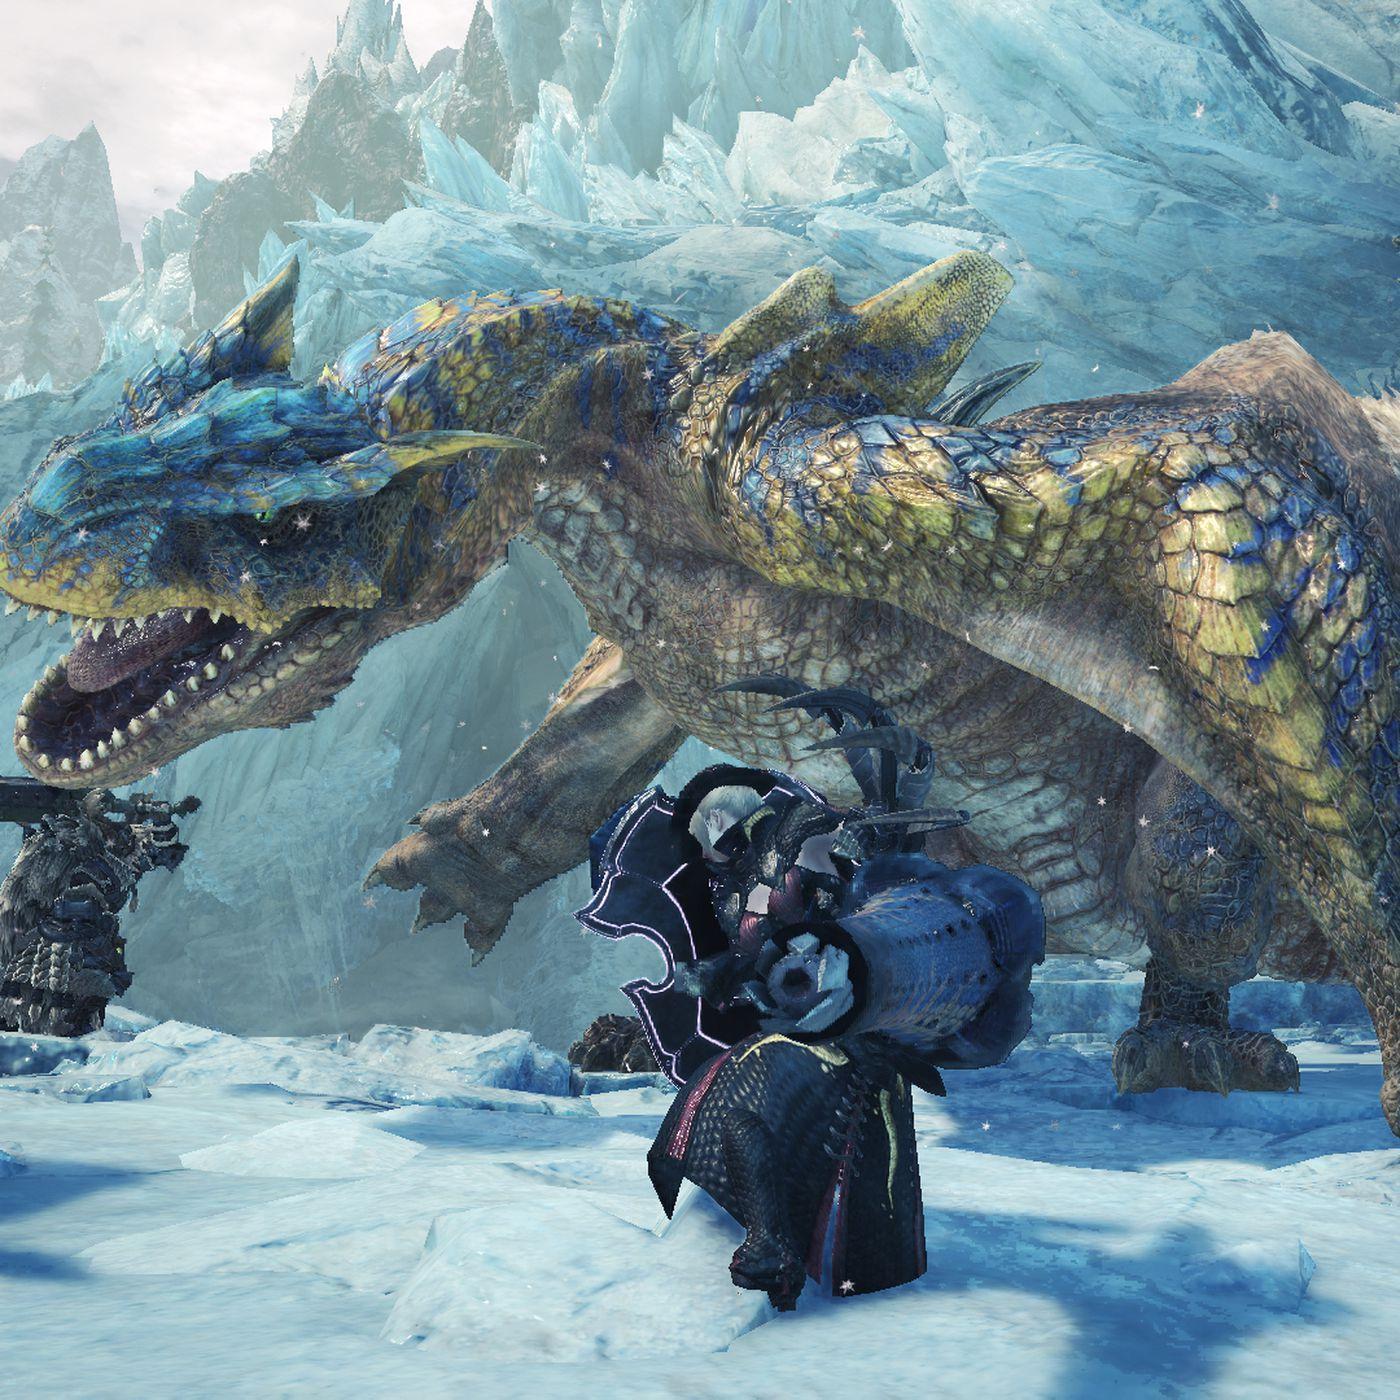 Monster Hunter: World Iceborne PS4 beta dates announced